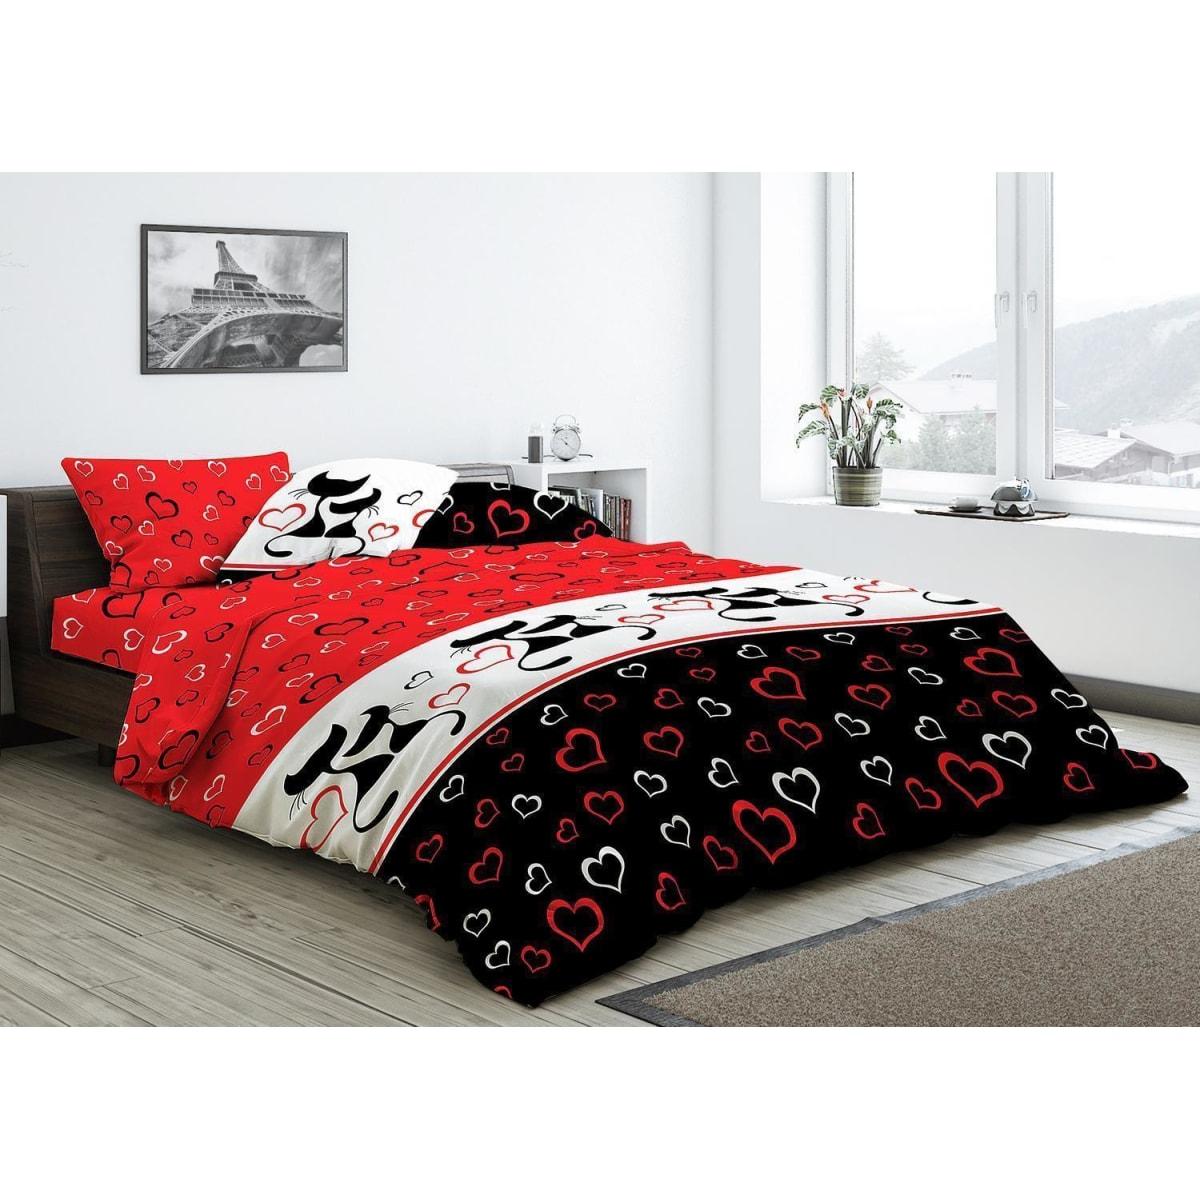 Комплект постельного белья двуспальный Шуйские ситцы Мастерская снов с2011шв72051, бязь